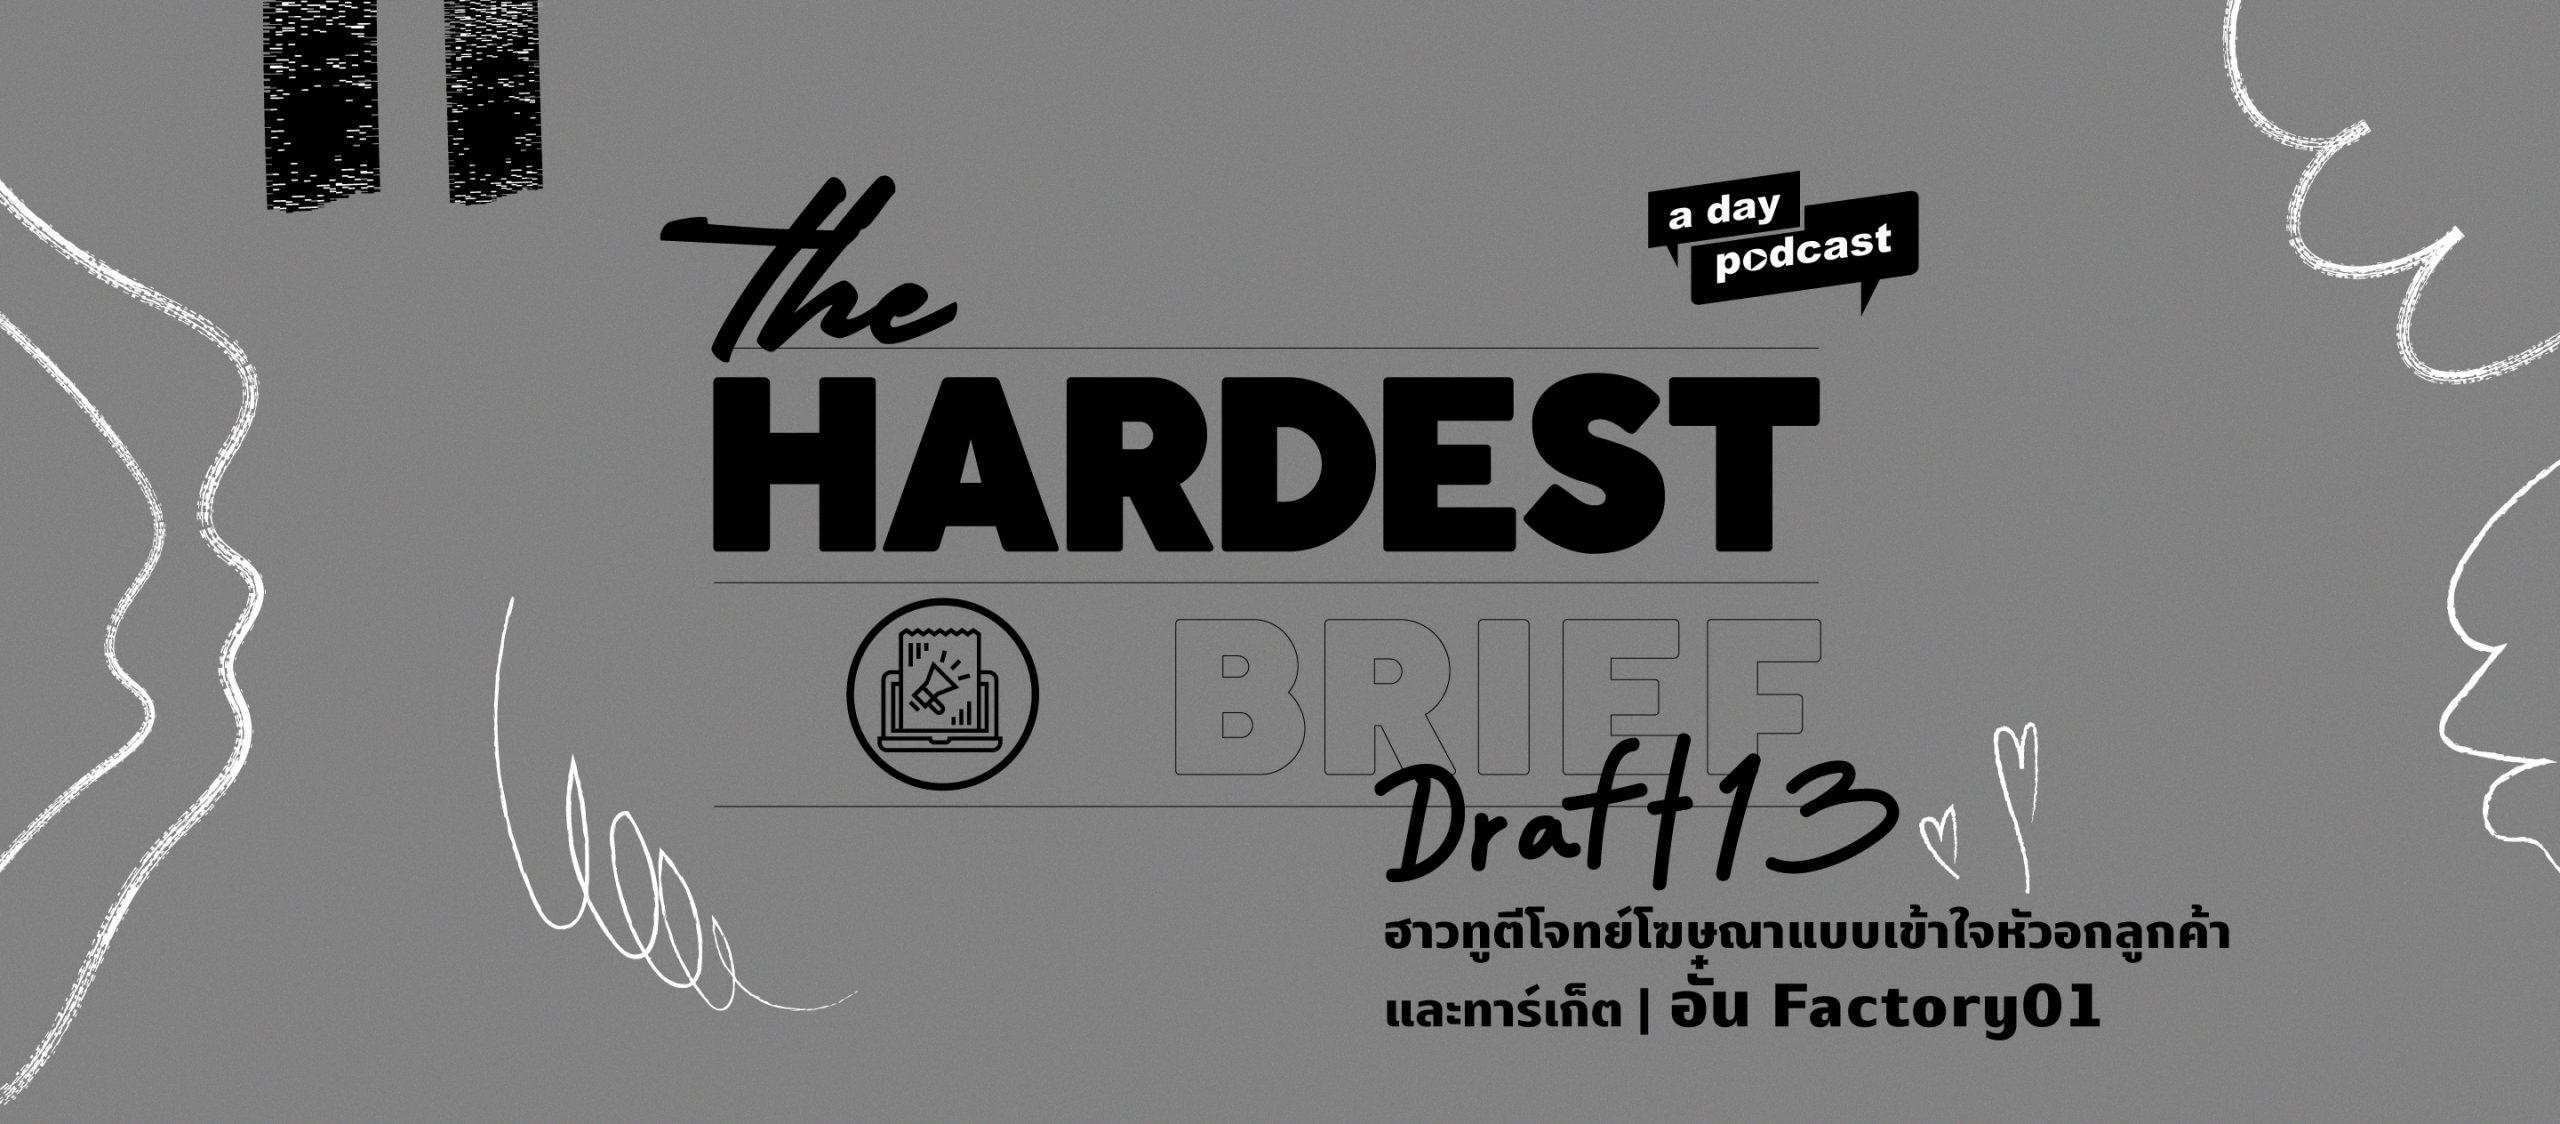 The Hardest Brief EP.13 ฮาวทูตีโจทย์โฆษณาแบบเข้าใจหัวอกลูกค้าและทาร์เก็ต   อั๋น Factory01